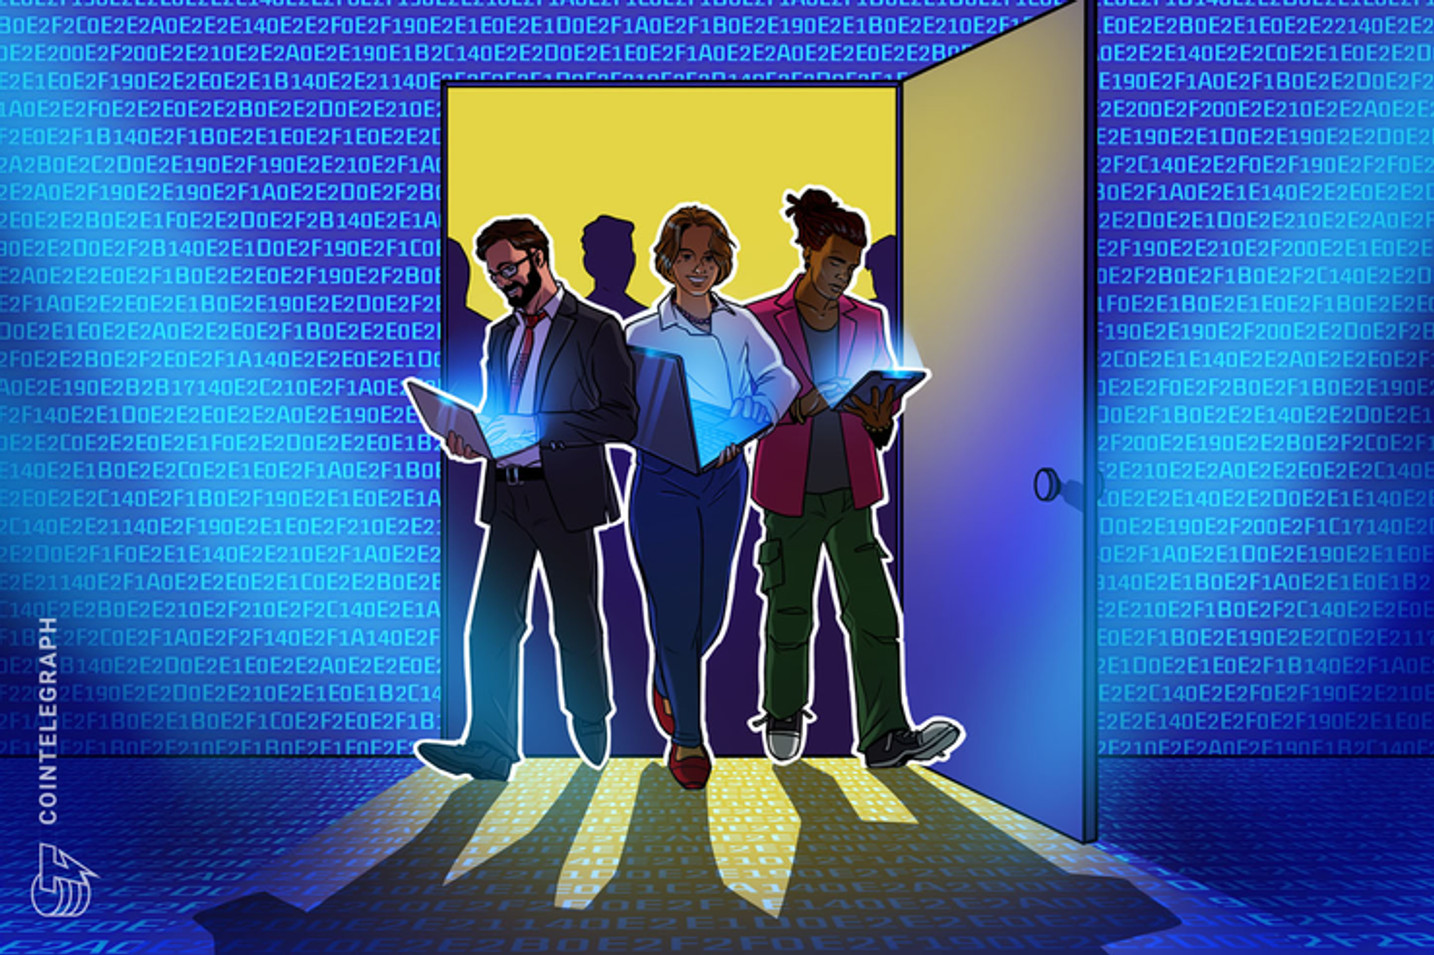 Colunista do Infomoney, Eduardo Cavendish assume como chefe de investimentos em empresa que opera com Bitcoin e criptoativos